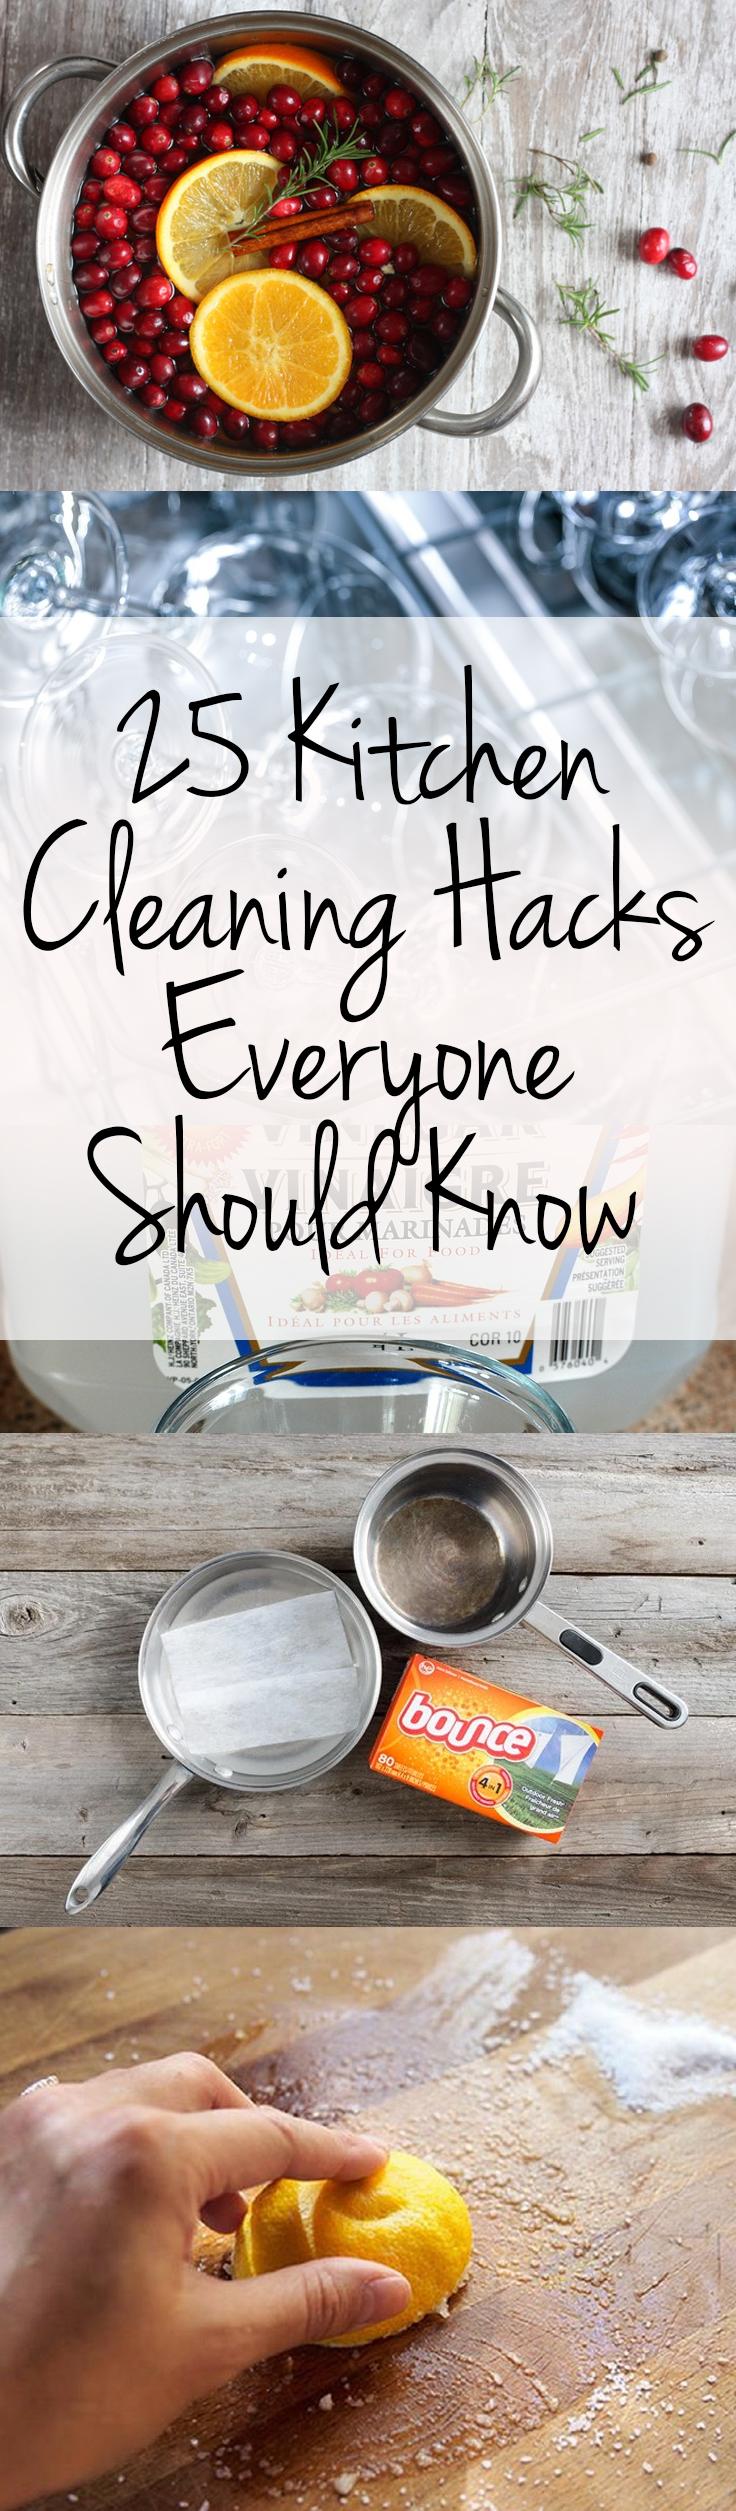 Kitchen, Kitchen Cleaning Hacks, Cleaning Tips and Tricks, Kitchen DIY, Kitchen Organization, Popular Pin, Easy Kitchen Updates